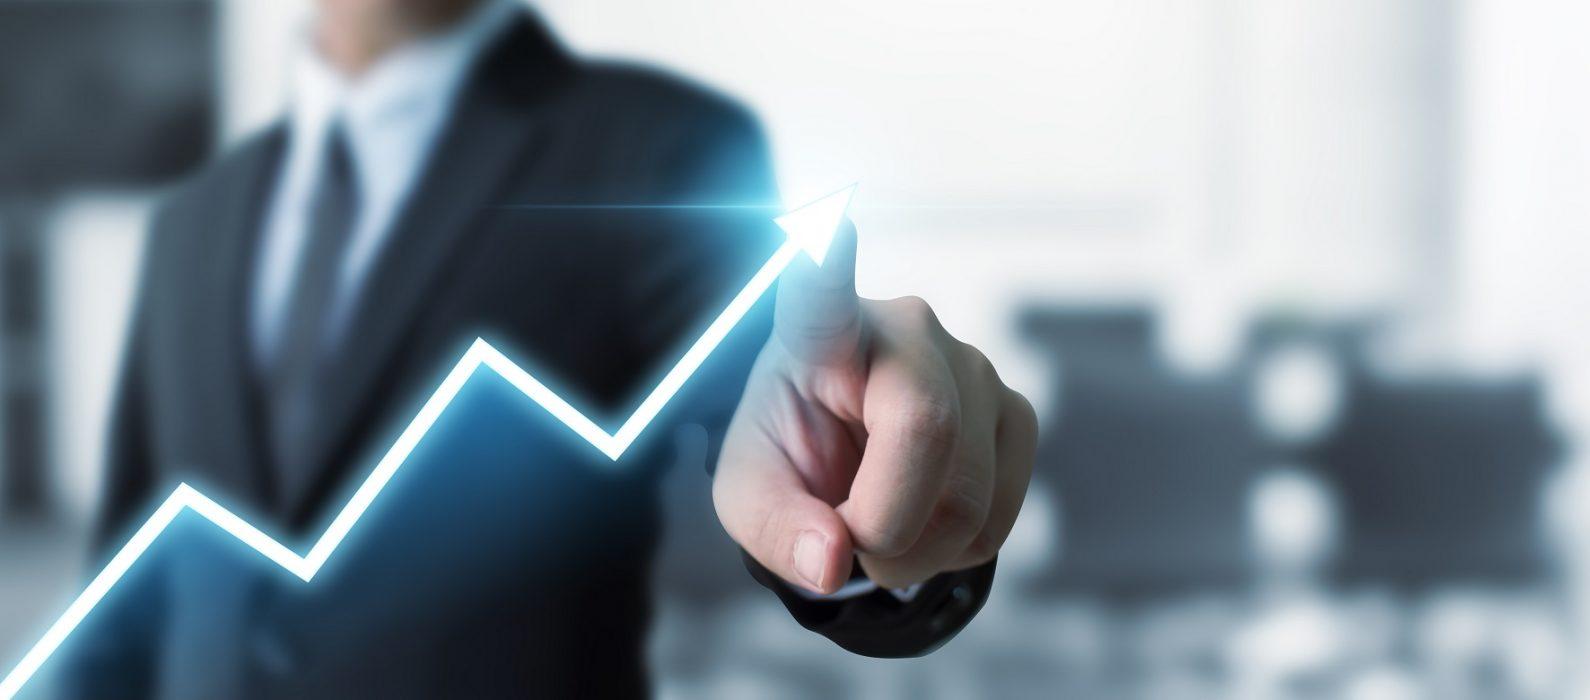 Brasil sobe quatro posições em ranking de inovação, mas CNI diz que não há o que comemorar